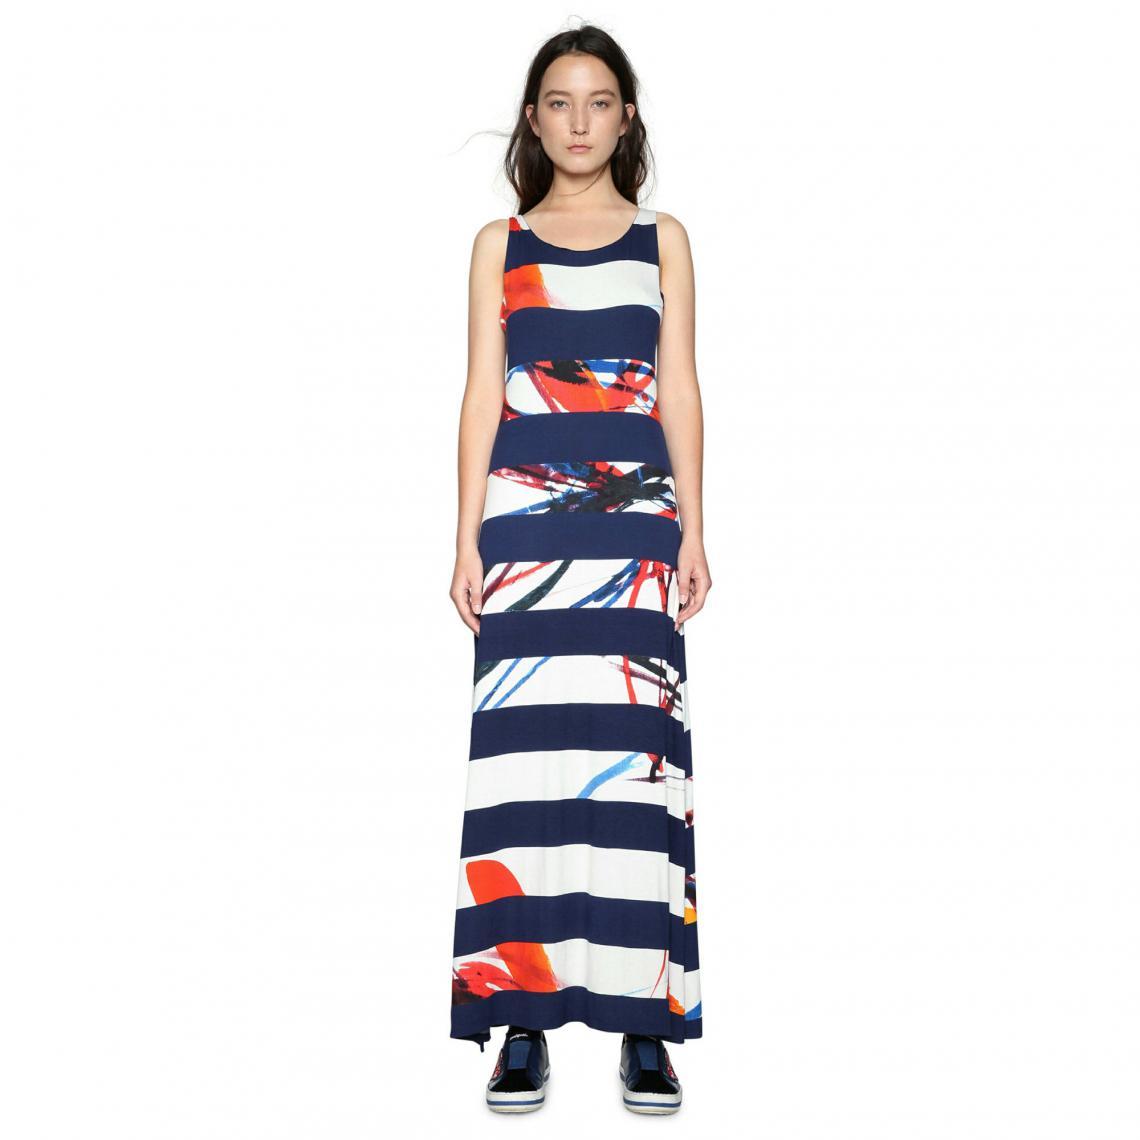 Robe longue femme Desigual - Bleu Desigual Femme a711c7f69e6e